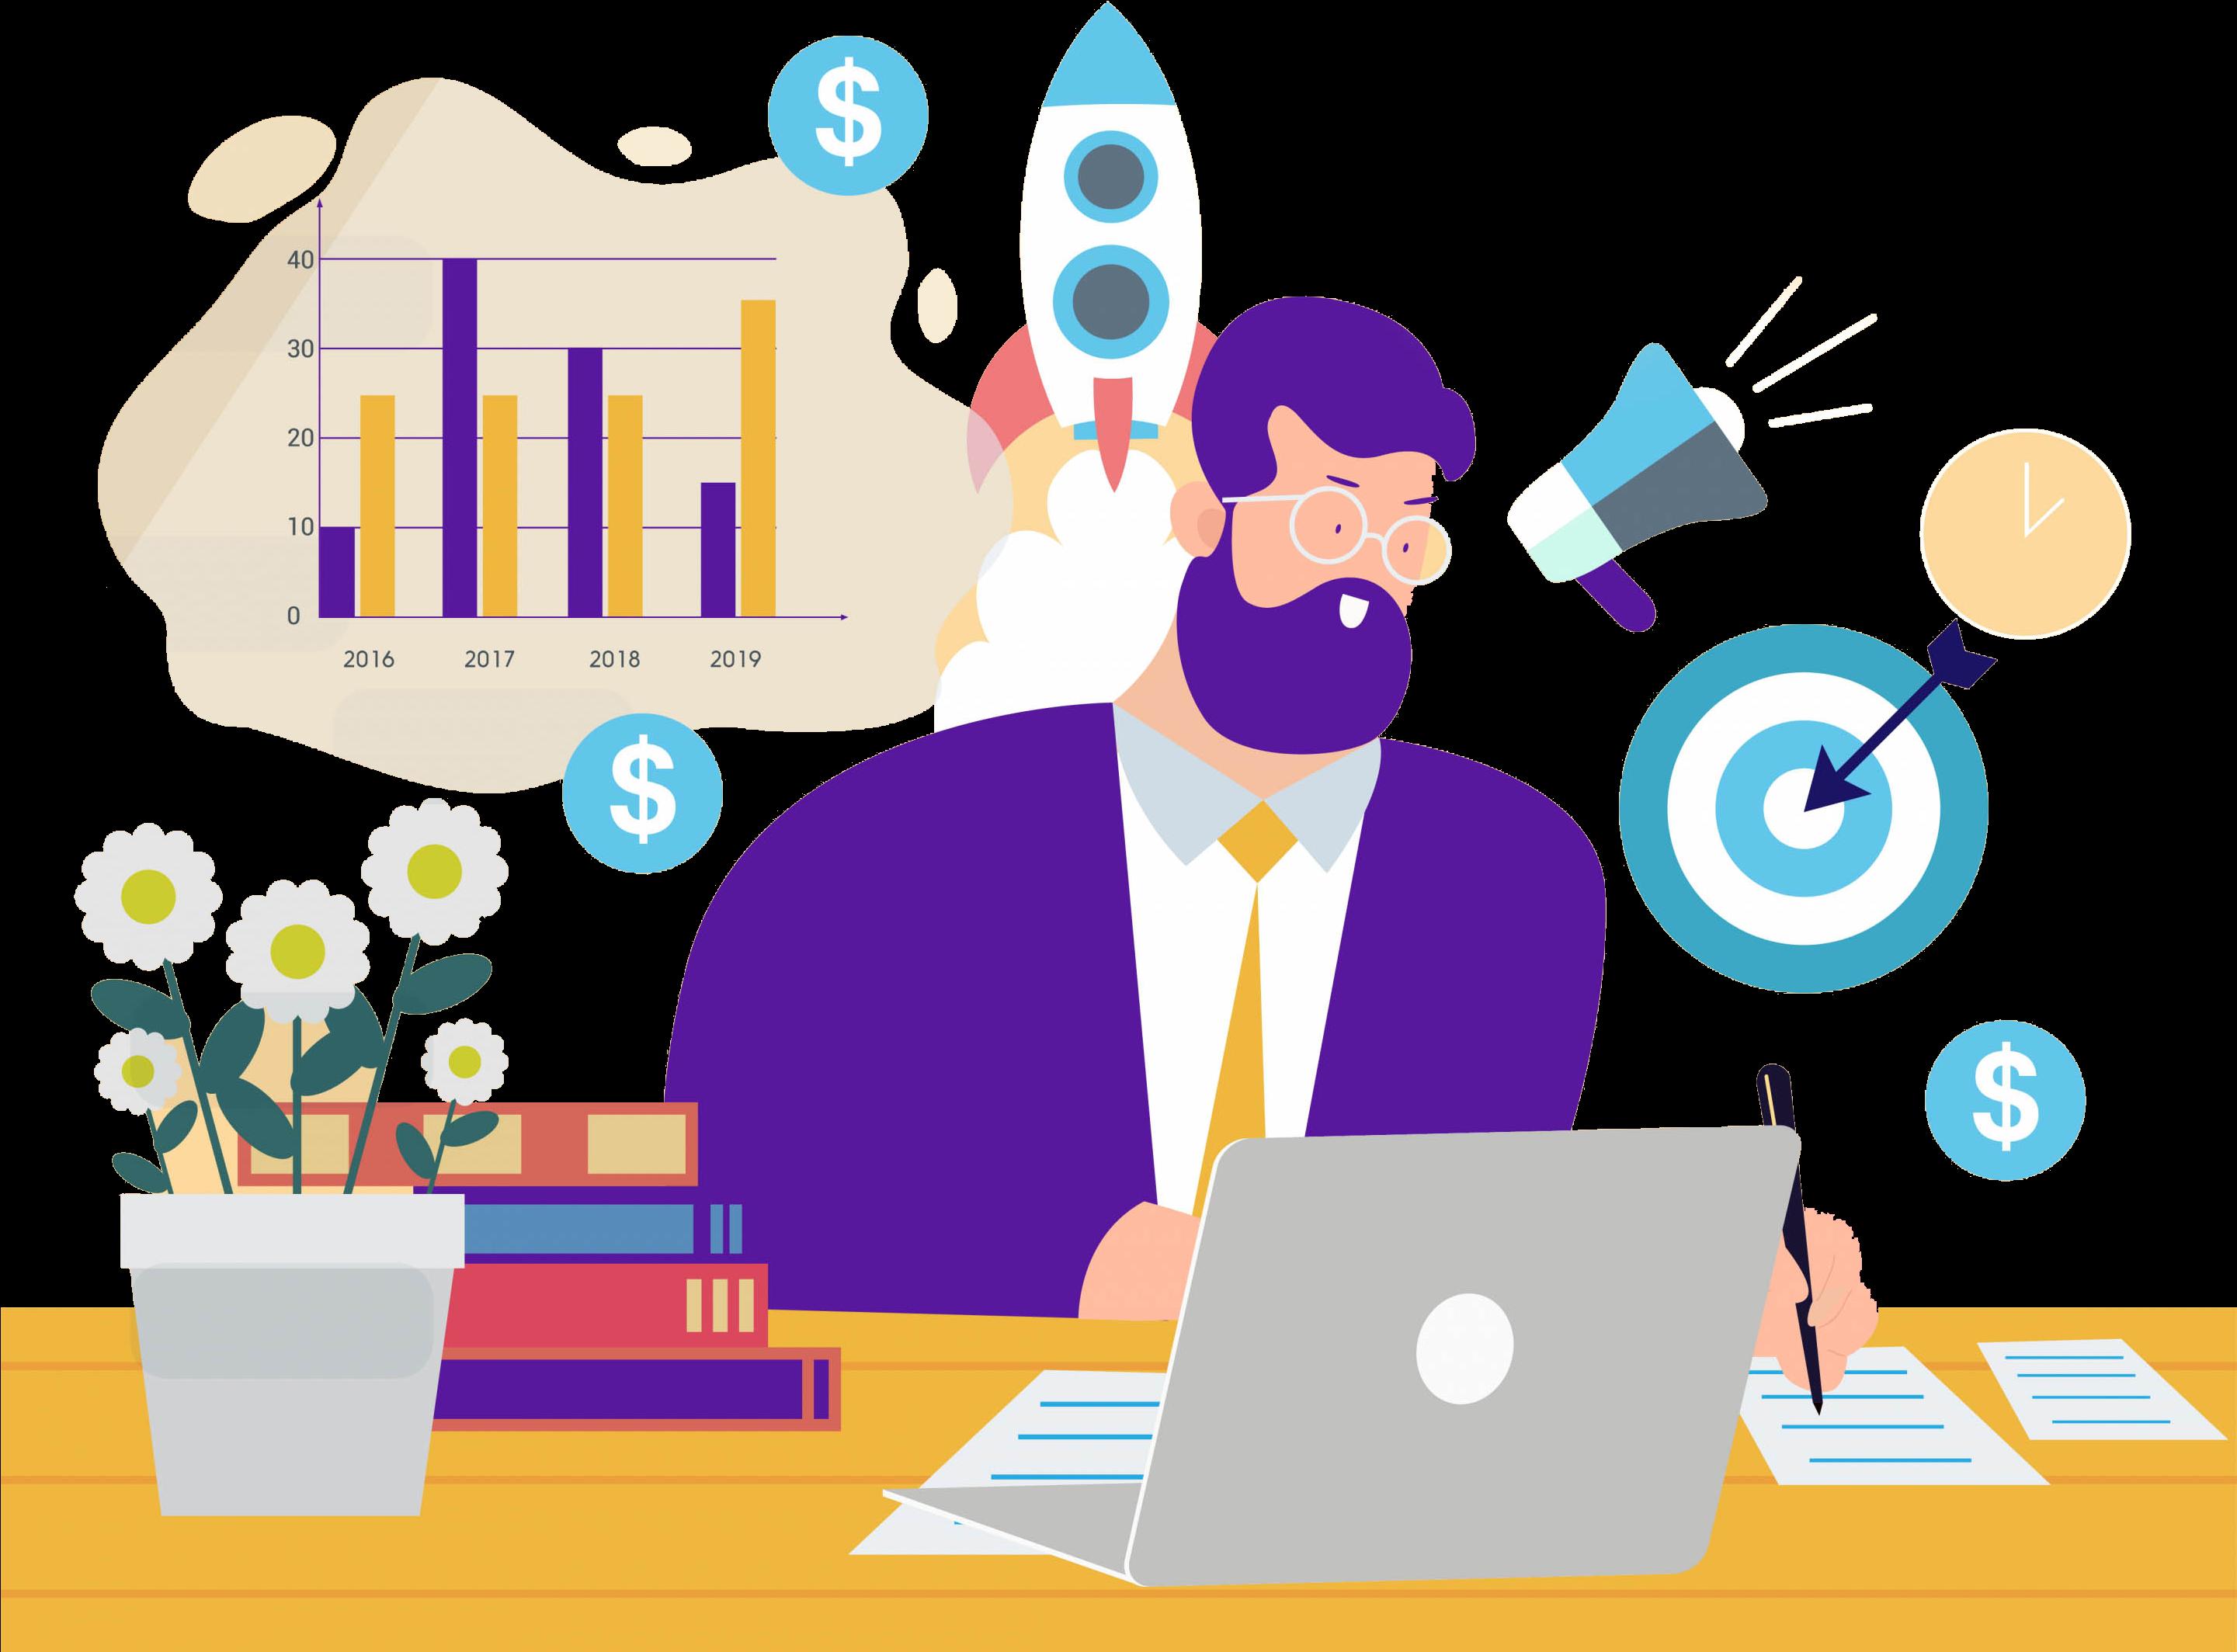 download seo kickstarter digital marketing background vector full size png image pngkit digital marketing background vector